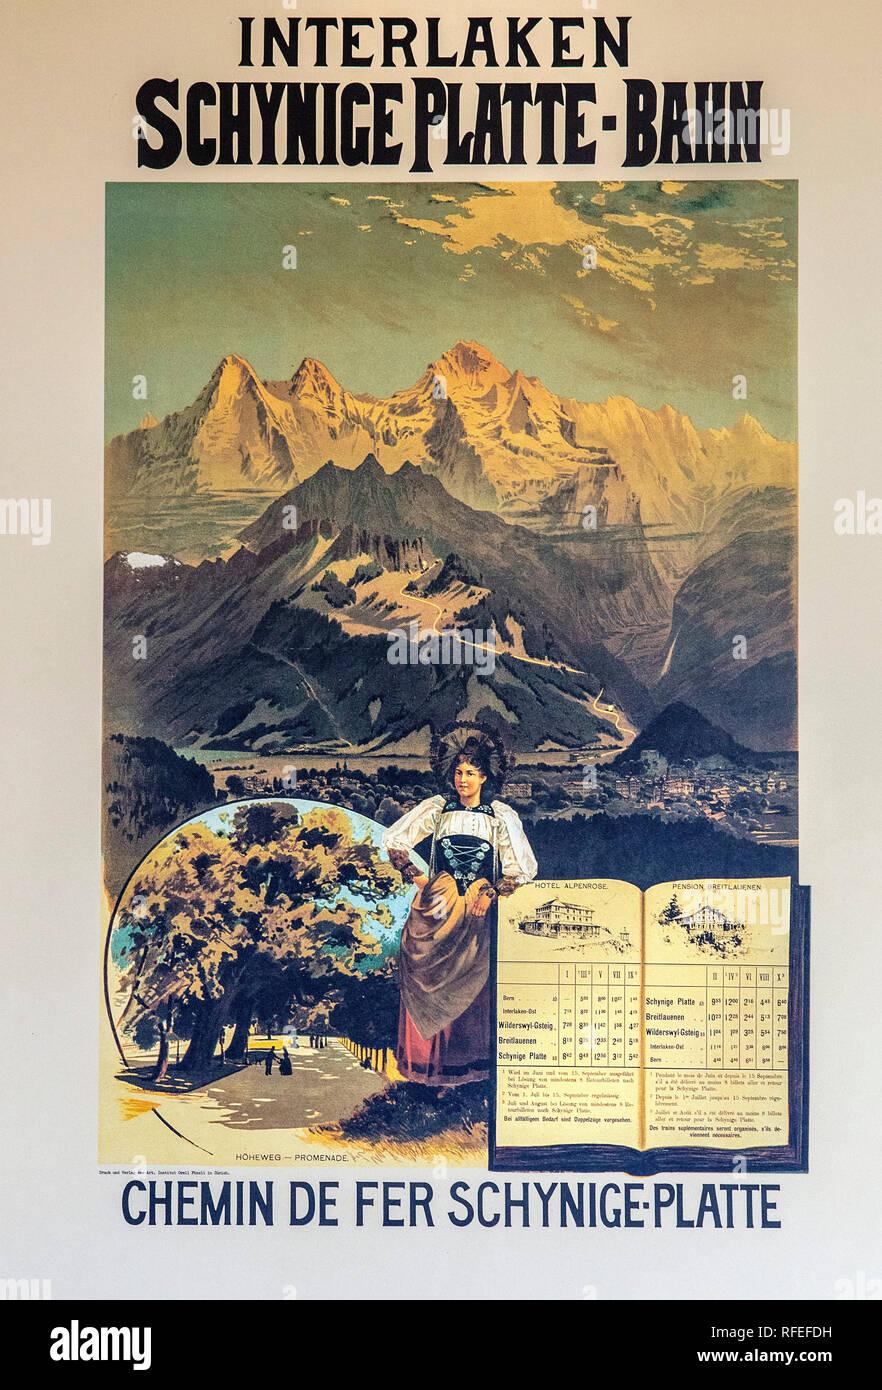 Schweiz, Alpen, Berner Oberland, Frühling. Wilderswil, Schynige Platte. Vintage zur Förderung des Tourismus. Zug Poster. Stockfoto